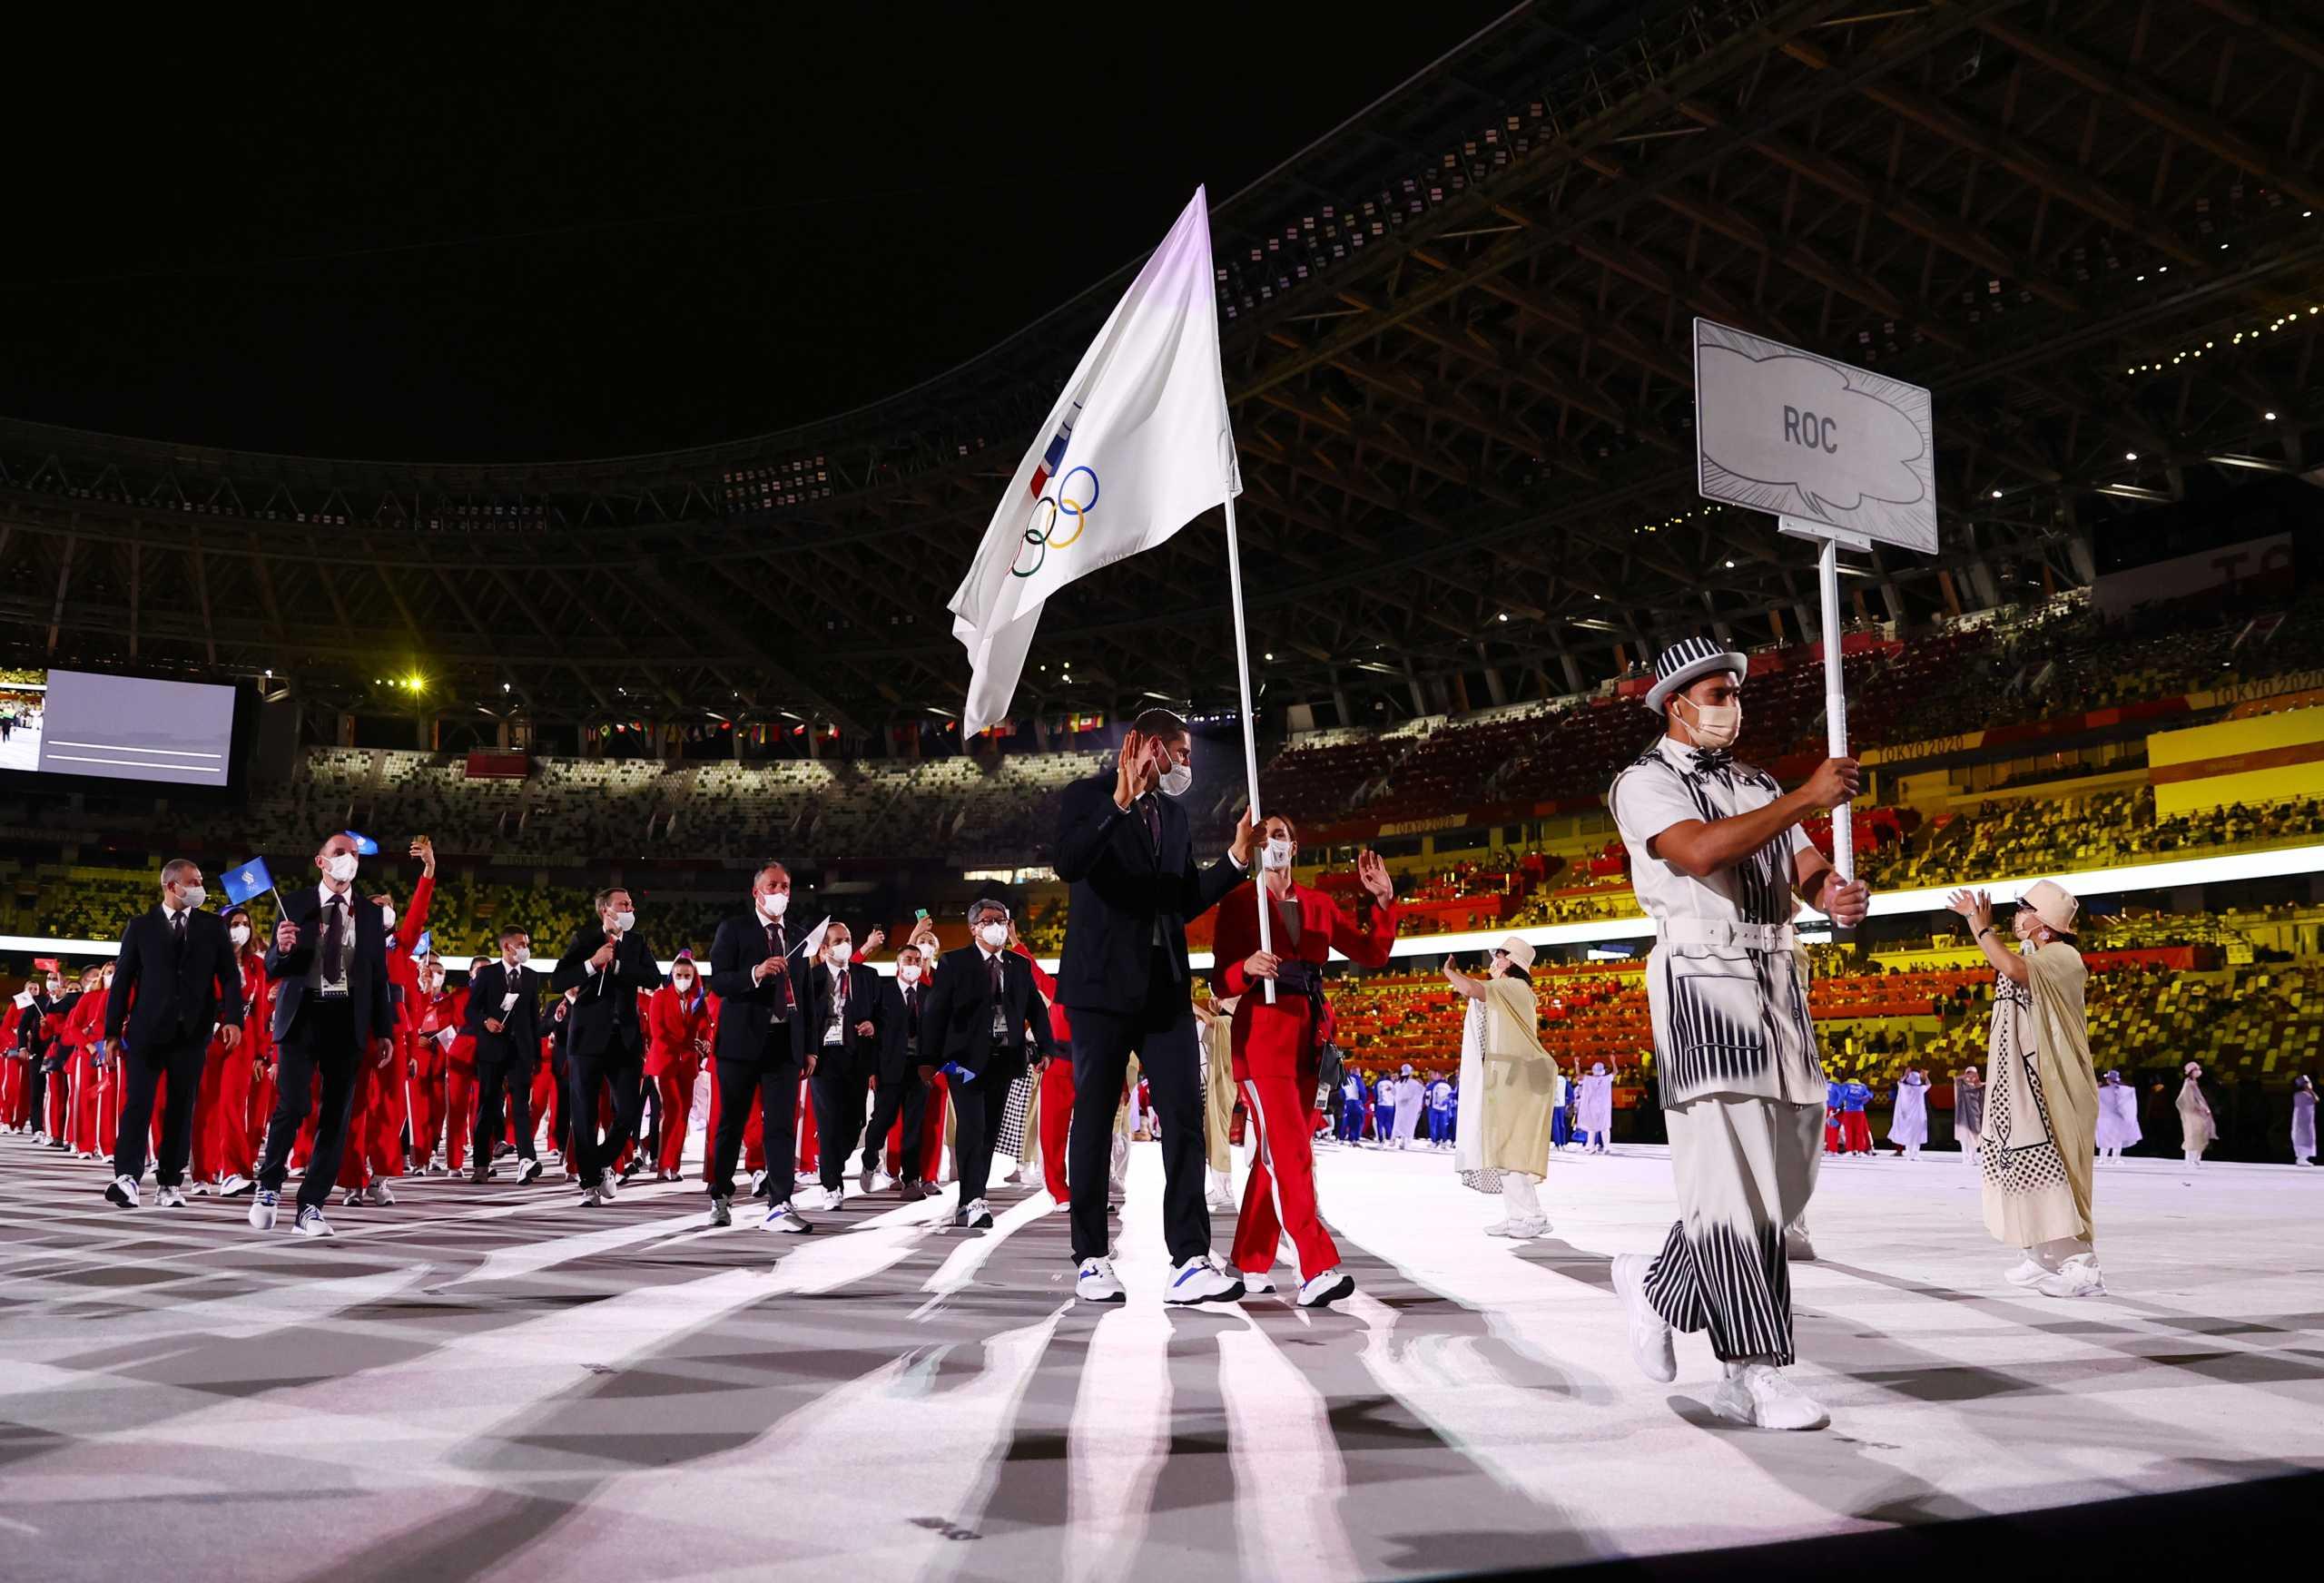 Ολυμπιακοί Αγώνες: Η είσοδος της Ρωσίας χωρίς τη σημαία της στην τελετή έναρξης